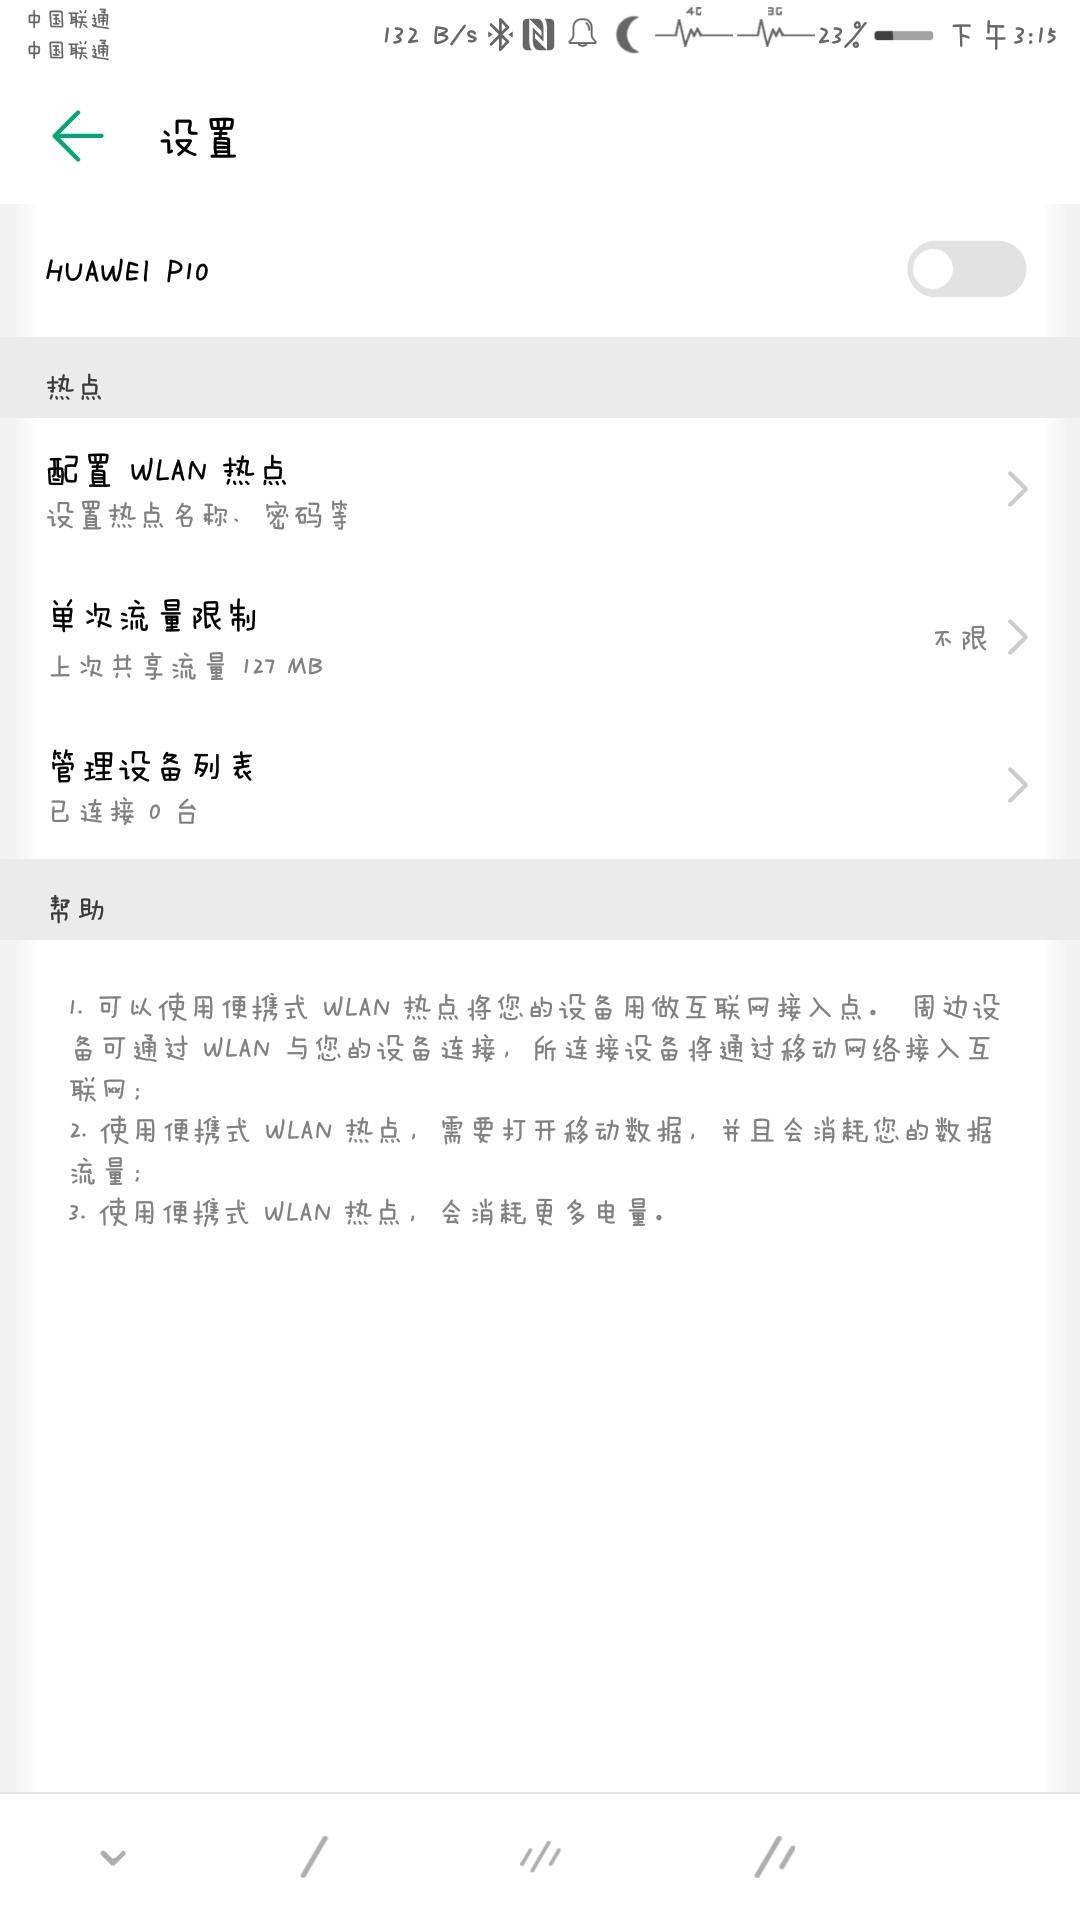 Screenshot_20180610-151552.jpg